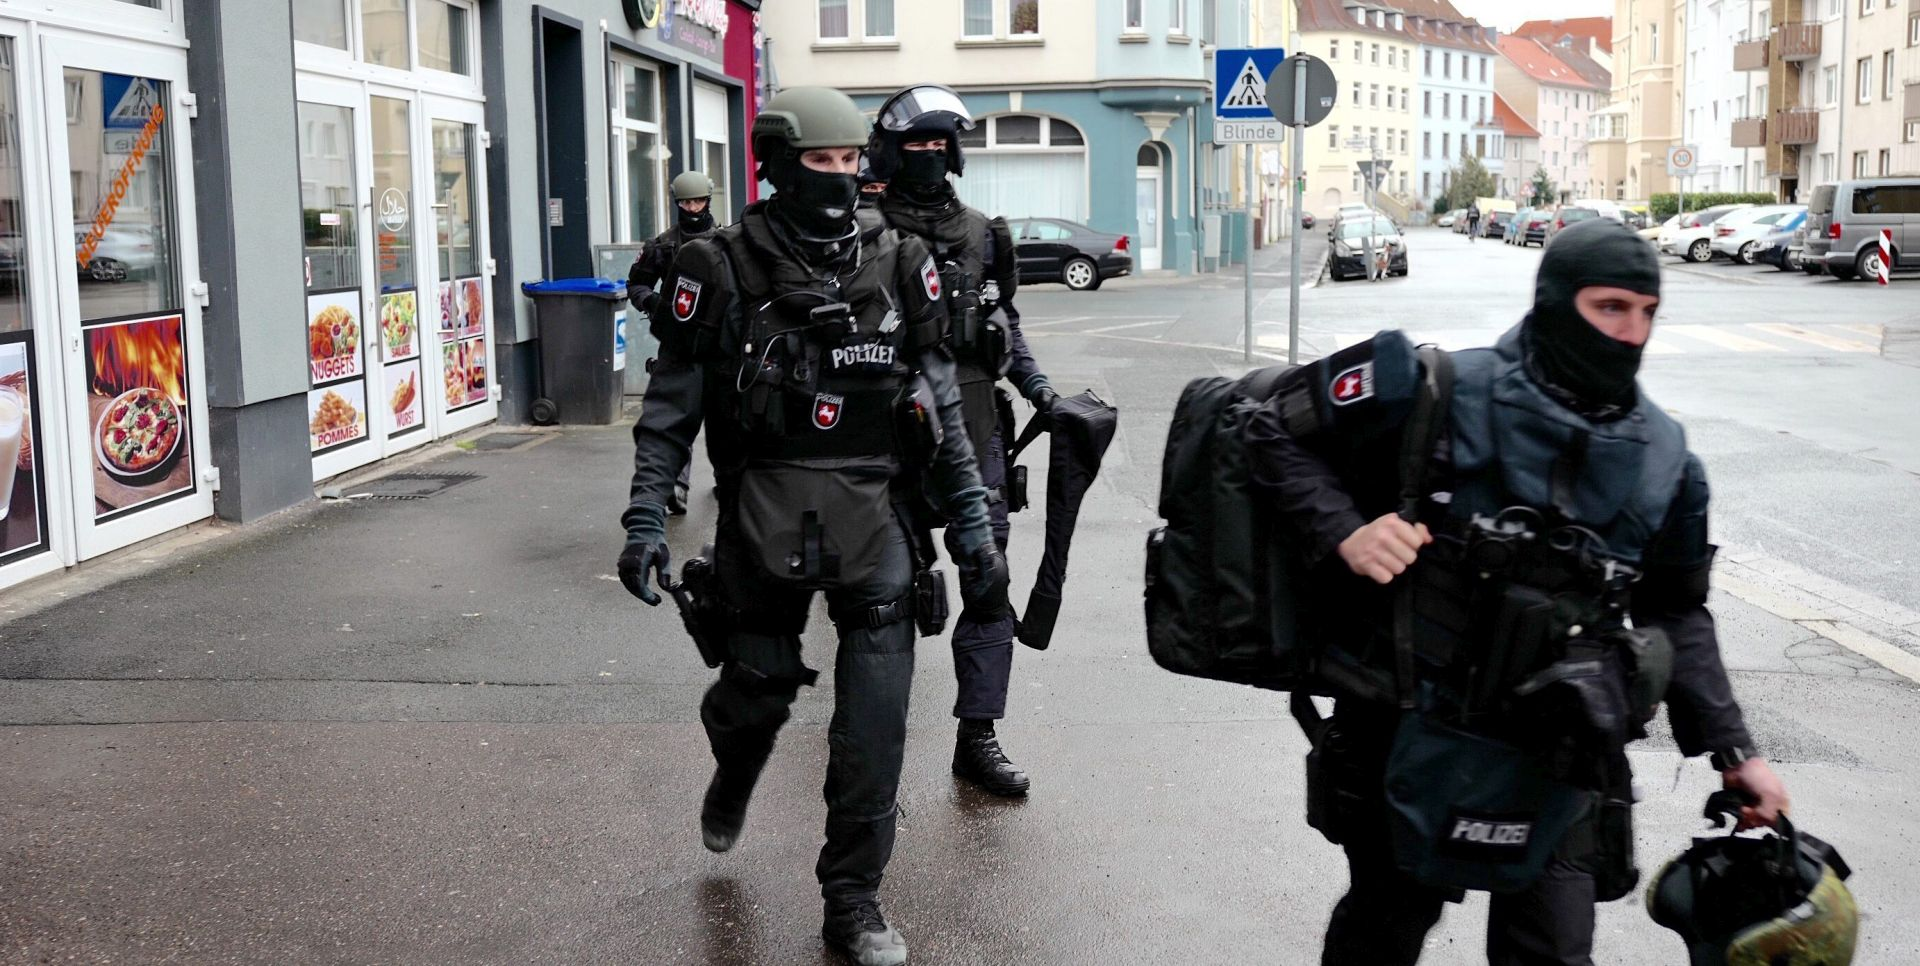 Njemačka: Potraga za osumnjičenim pripadnicima IS-a